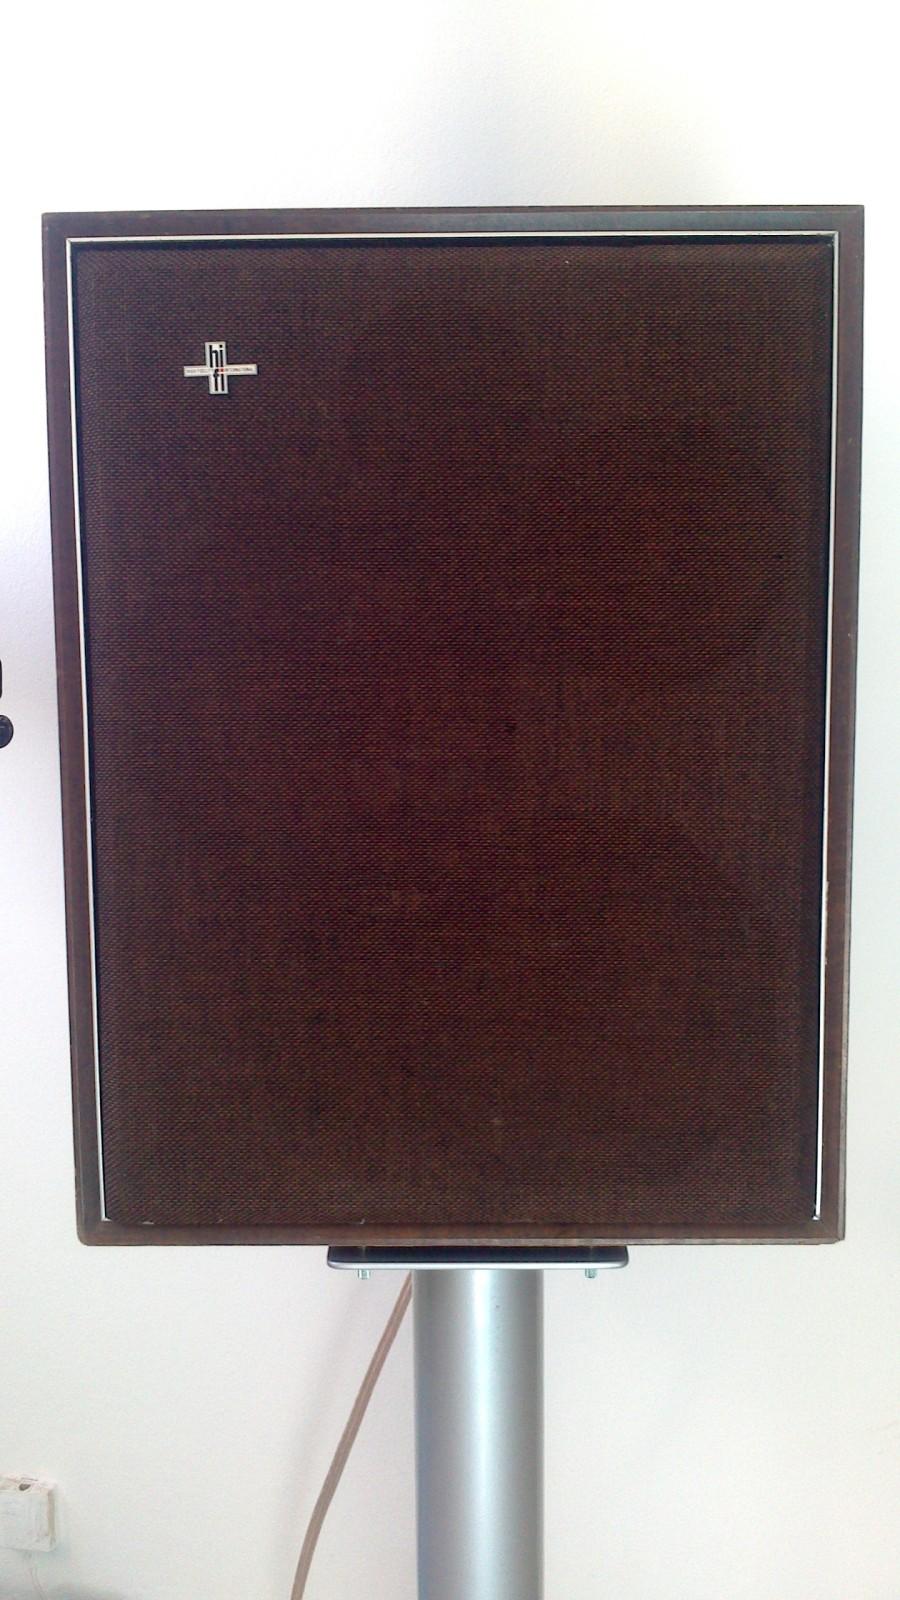 Cajas vintage Philips 22RH427: Filtros actualizados!!  2s9snzl